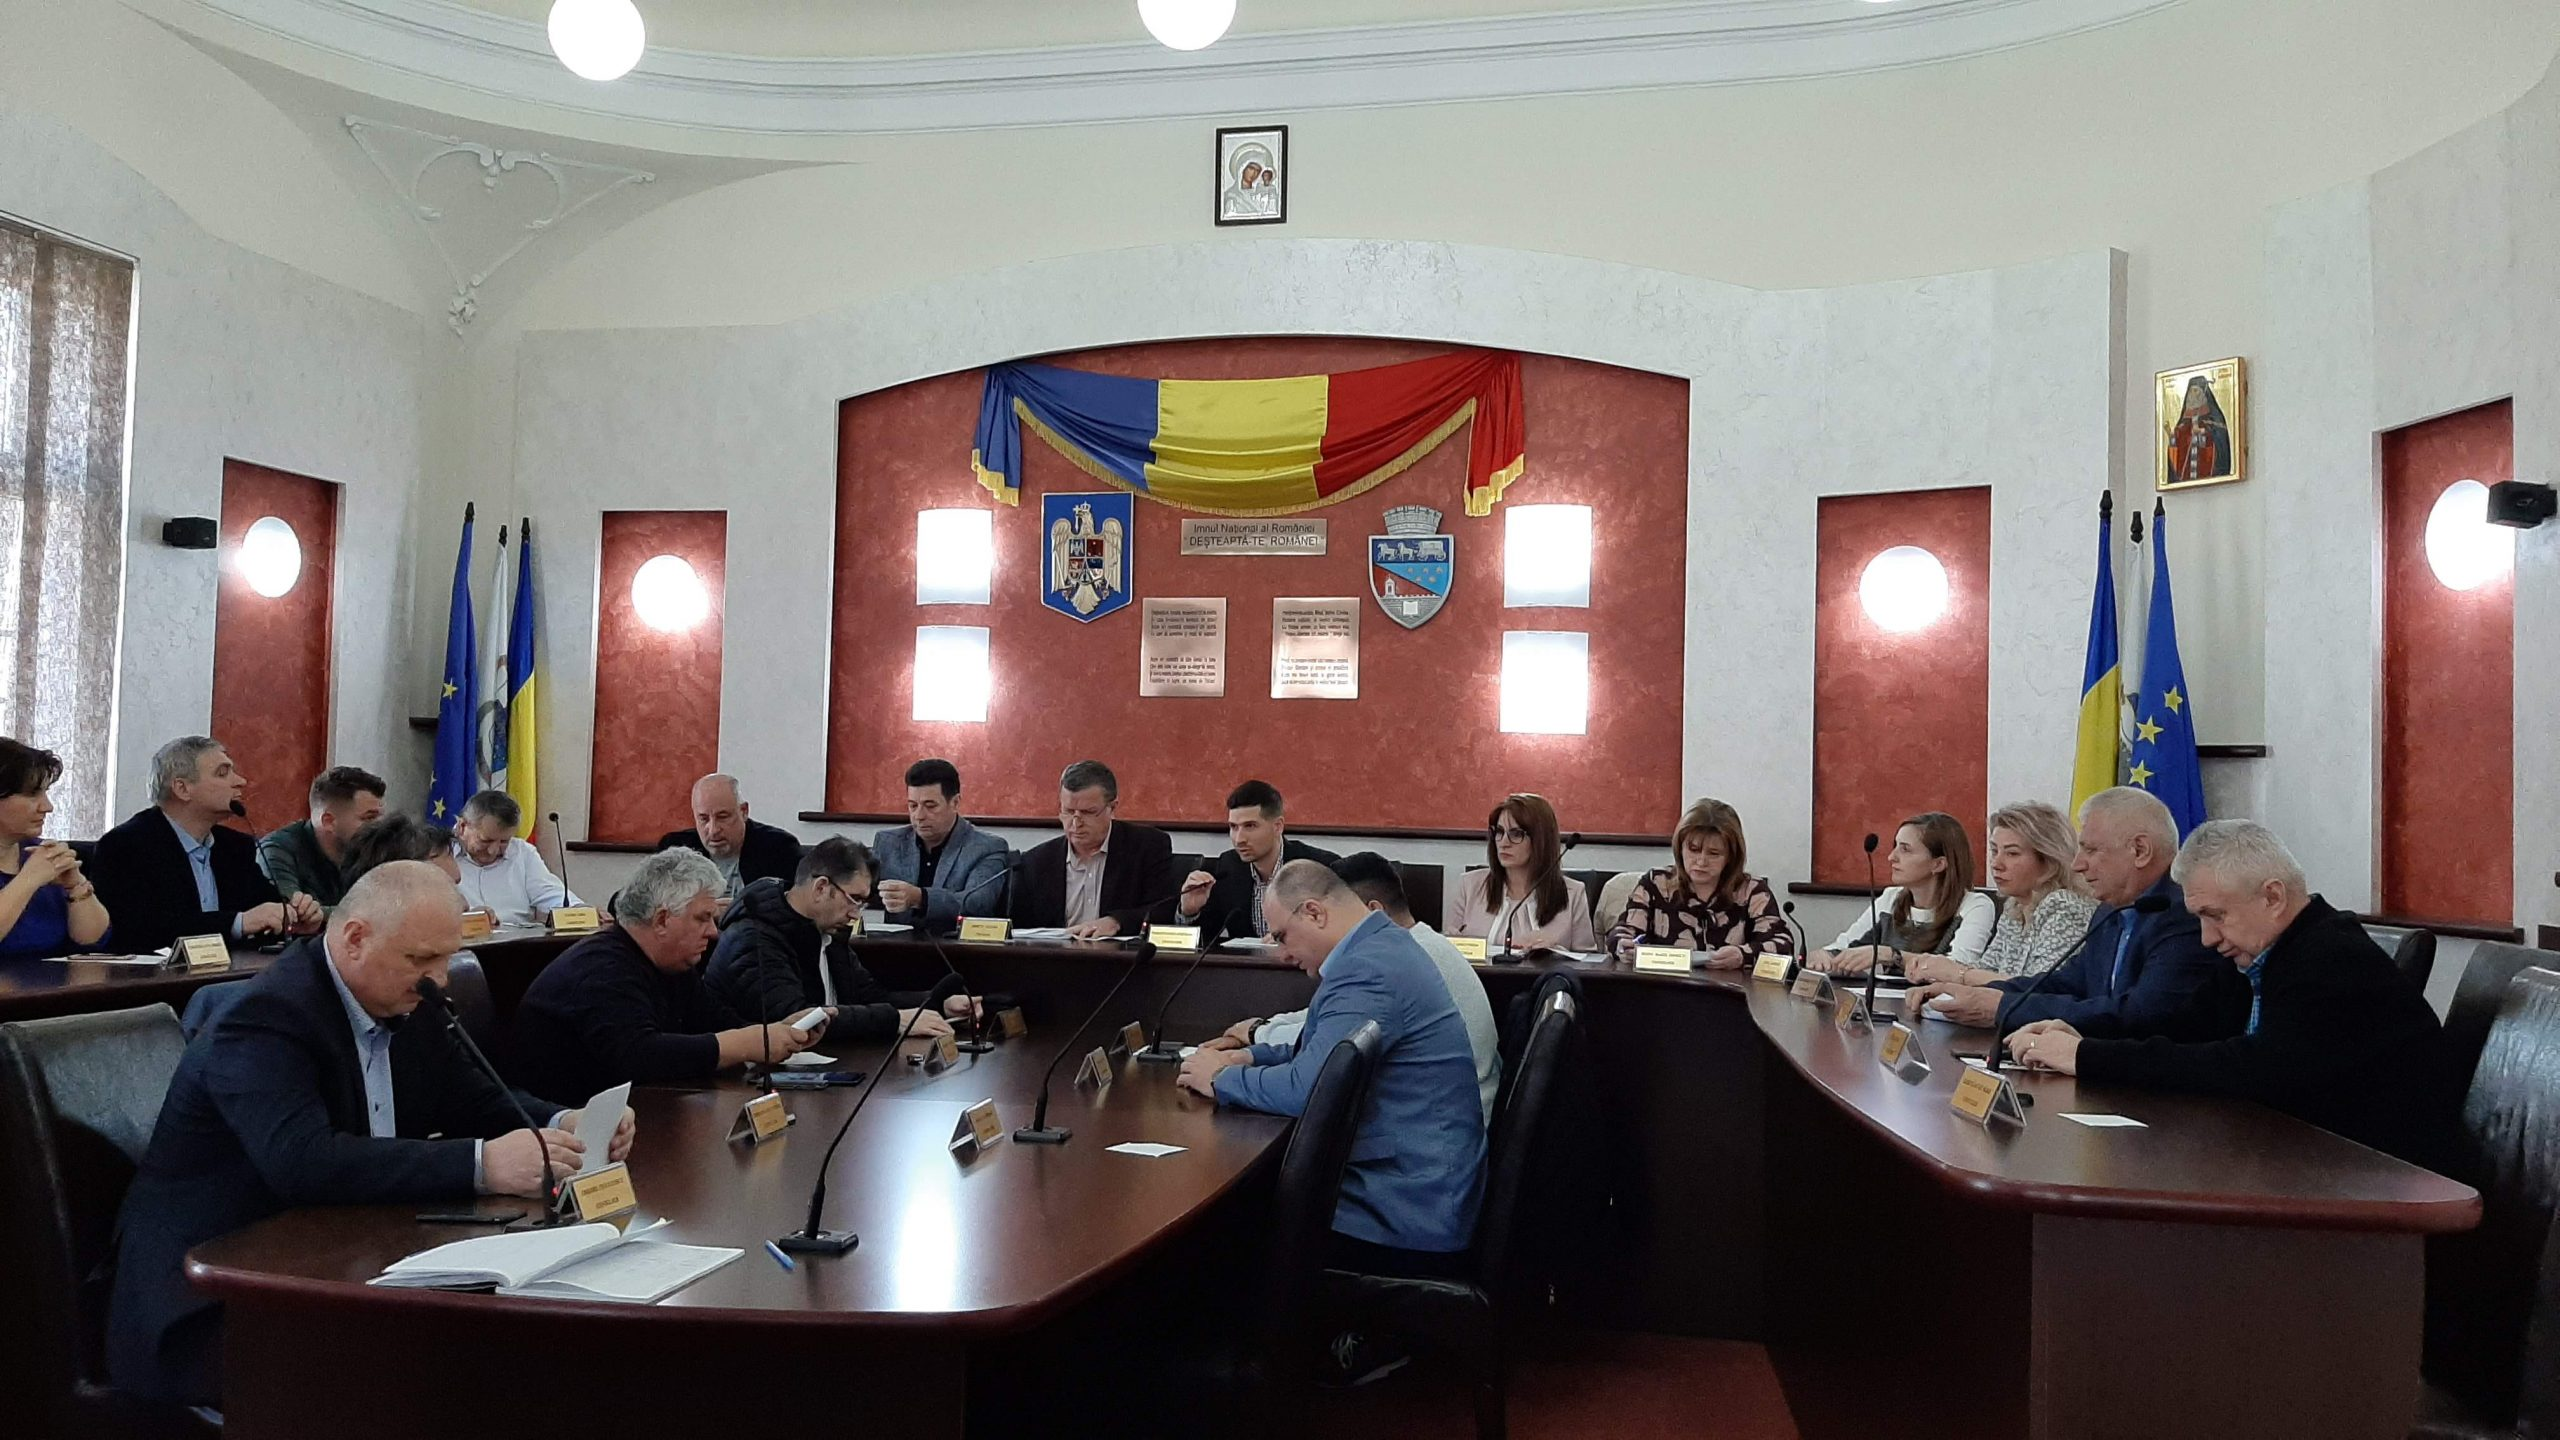 Război total în Consiliul Local: Pentru că nu mai poate cheltui banii după bunul plac, Gutău amenință cu referendumul